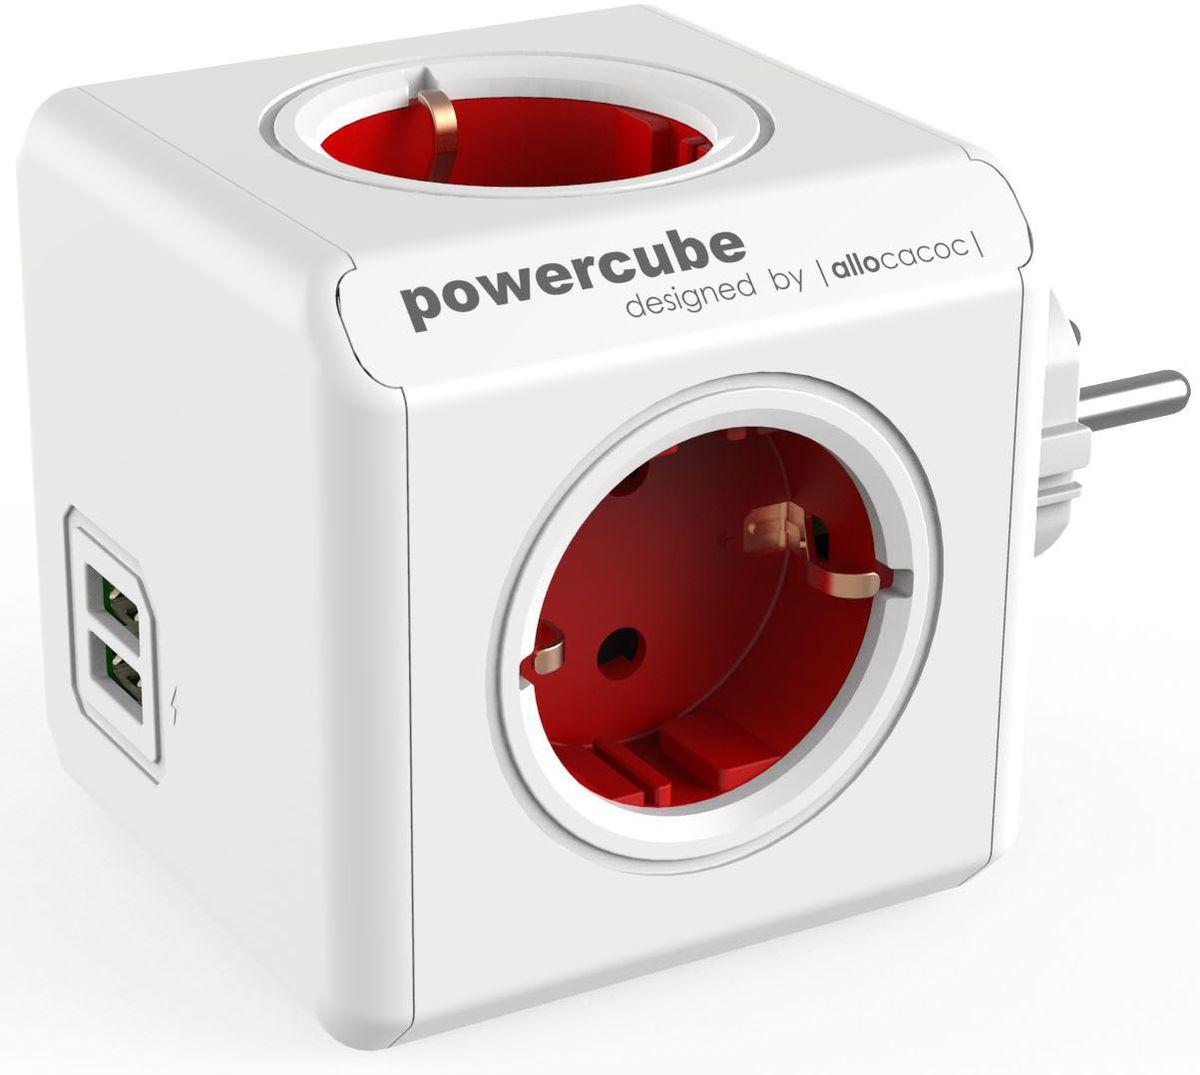 Allocacoc PowerCube Original USB, Red сетевой разветвитель1202RD/DEOUPCРазветвитель Allocacoc PowerCube Original USB это самая популярная версия PowerCube. PowerCube содержит USB- порт что позволяет заряжать широкий спектр устройств. Находясь в офисе, дома, на совещании или еще где-нибудь, бывает трудно найти свободную розетку для зарядки ноутбука или мобильного телефона. PowerCube решил эту проблему: количество розеток можно расширить, что позволит монтировать индивидуальный источник питания в пределах досягаемости.